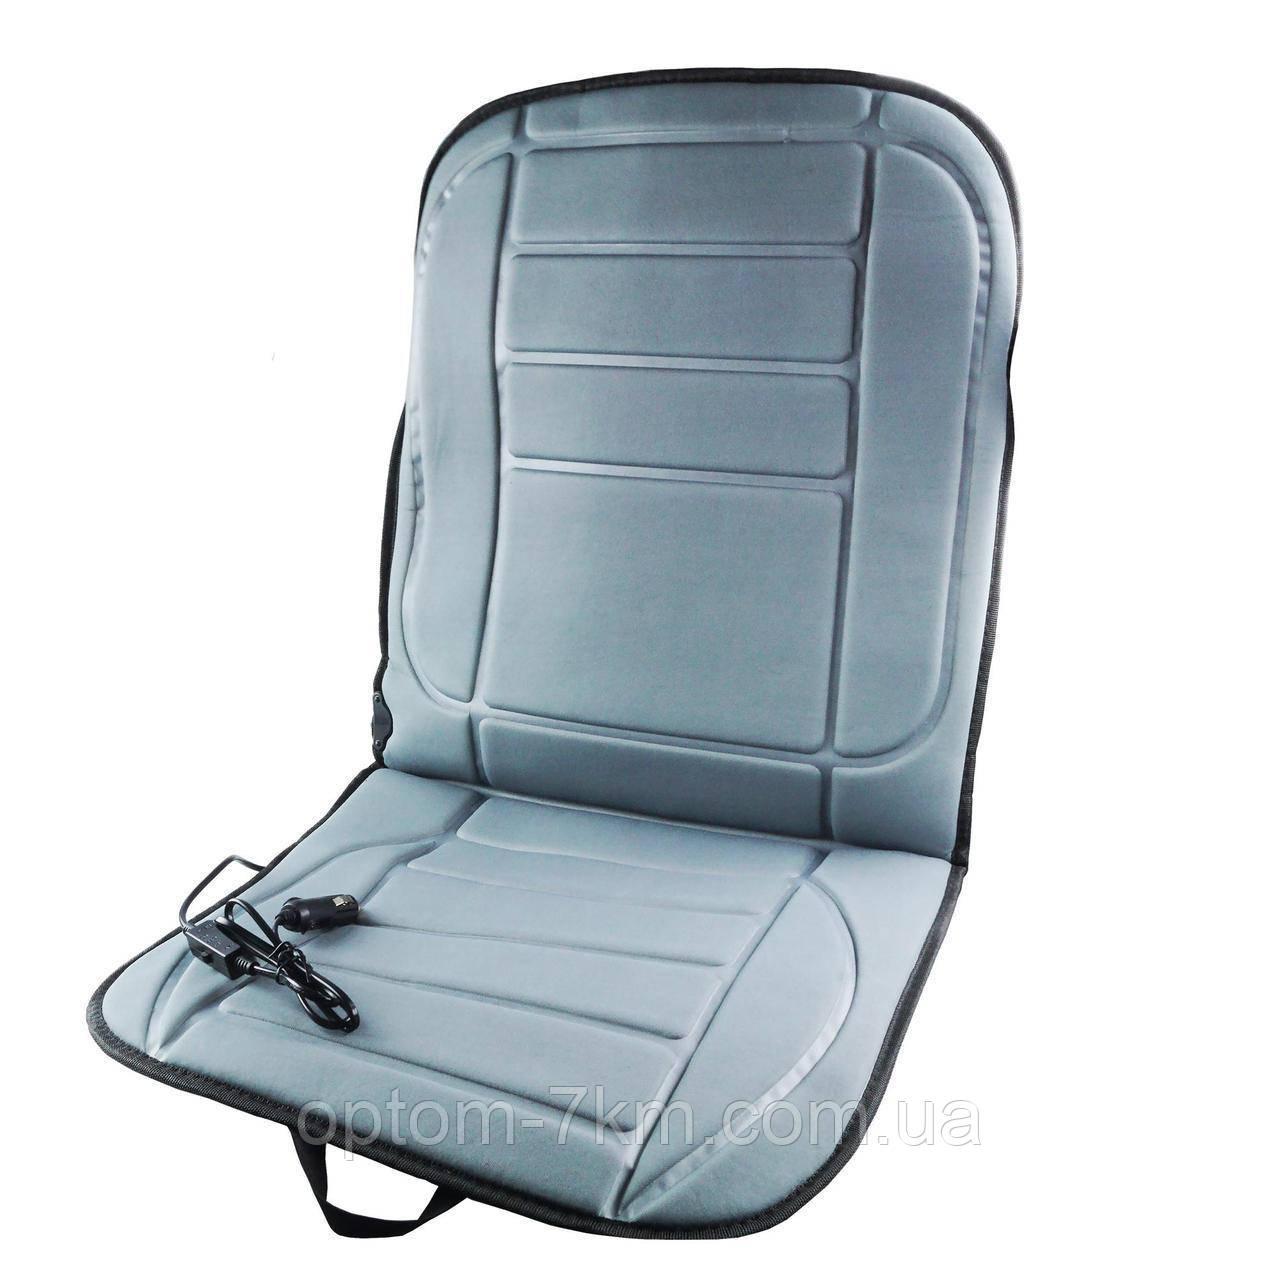 Накидка на сидіння авто з підігрівом від прикурювача 3538 VJ